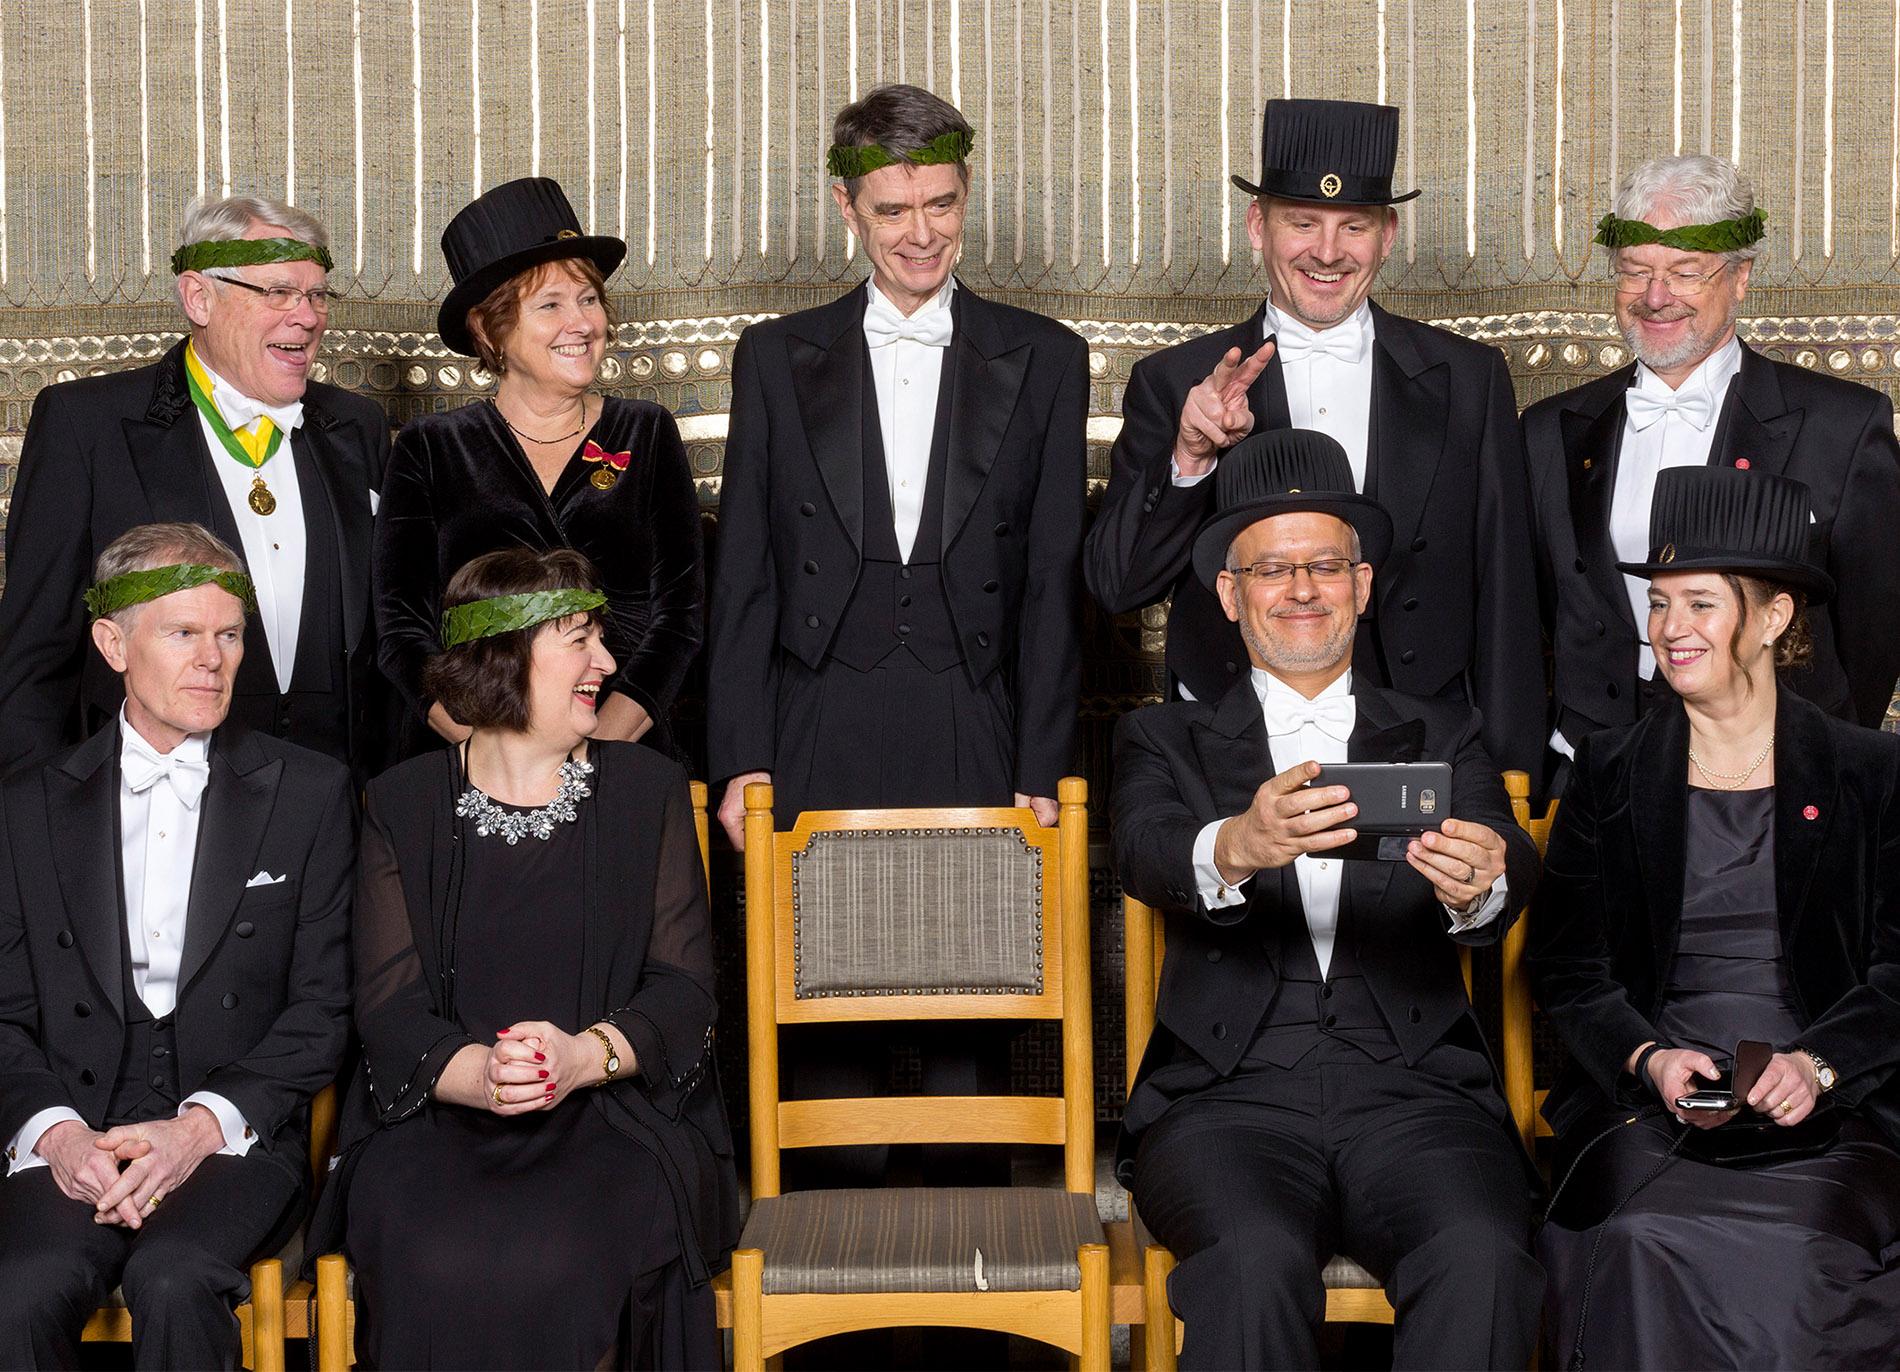 En av mina favorit grupper :) Bland medaljer, frackar och under stor högtid finns alltid platts för skratt.  Foto Mikael Wallerstedt